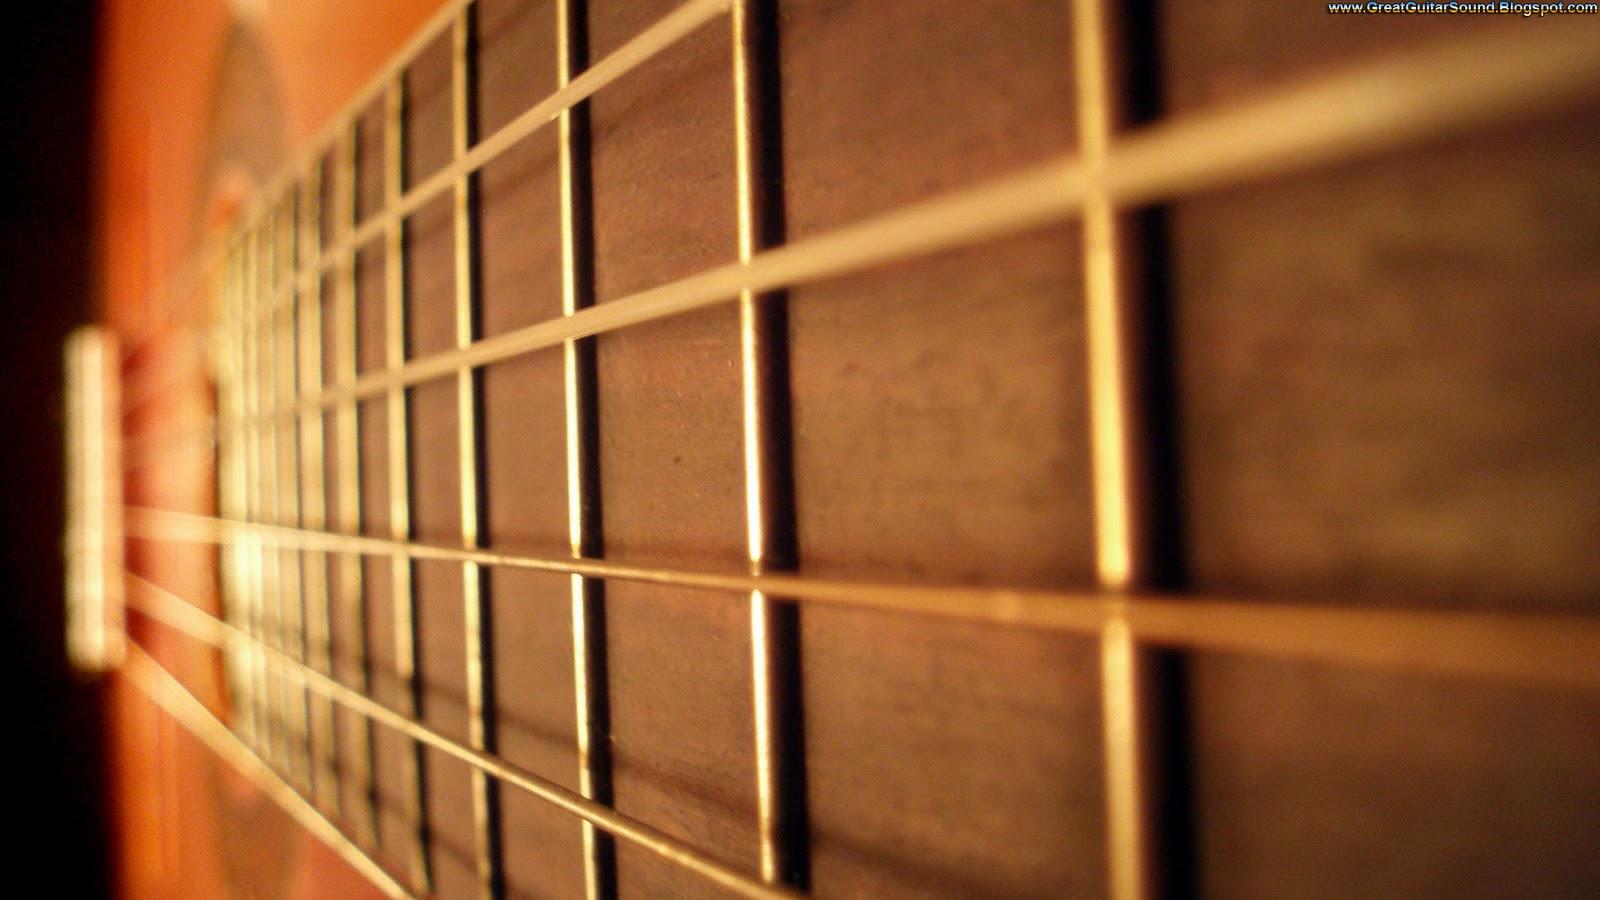 Free Download Guitar Wallpaper Landola Classical Guitar